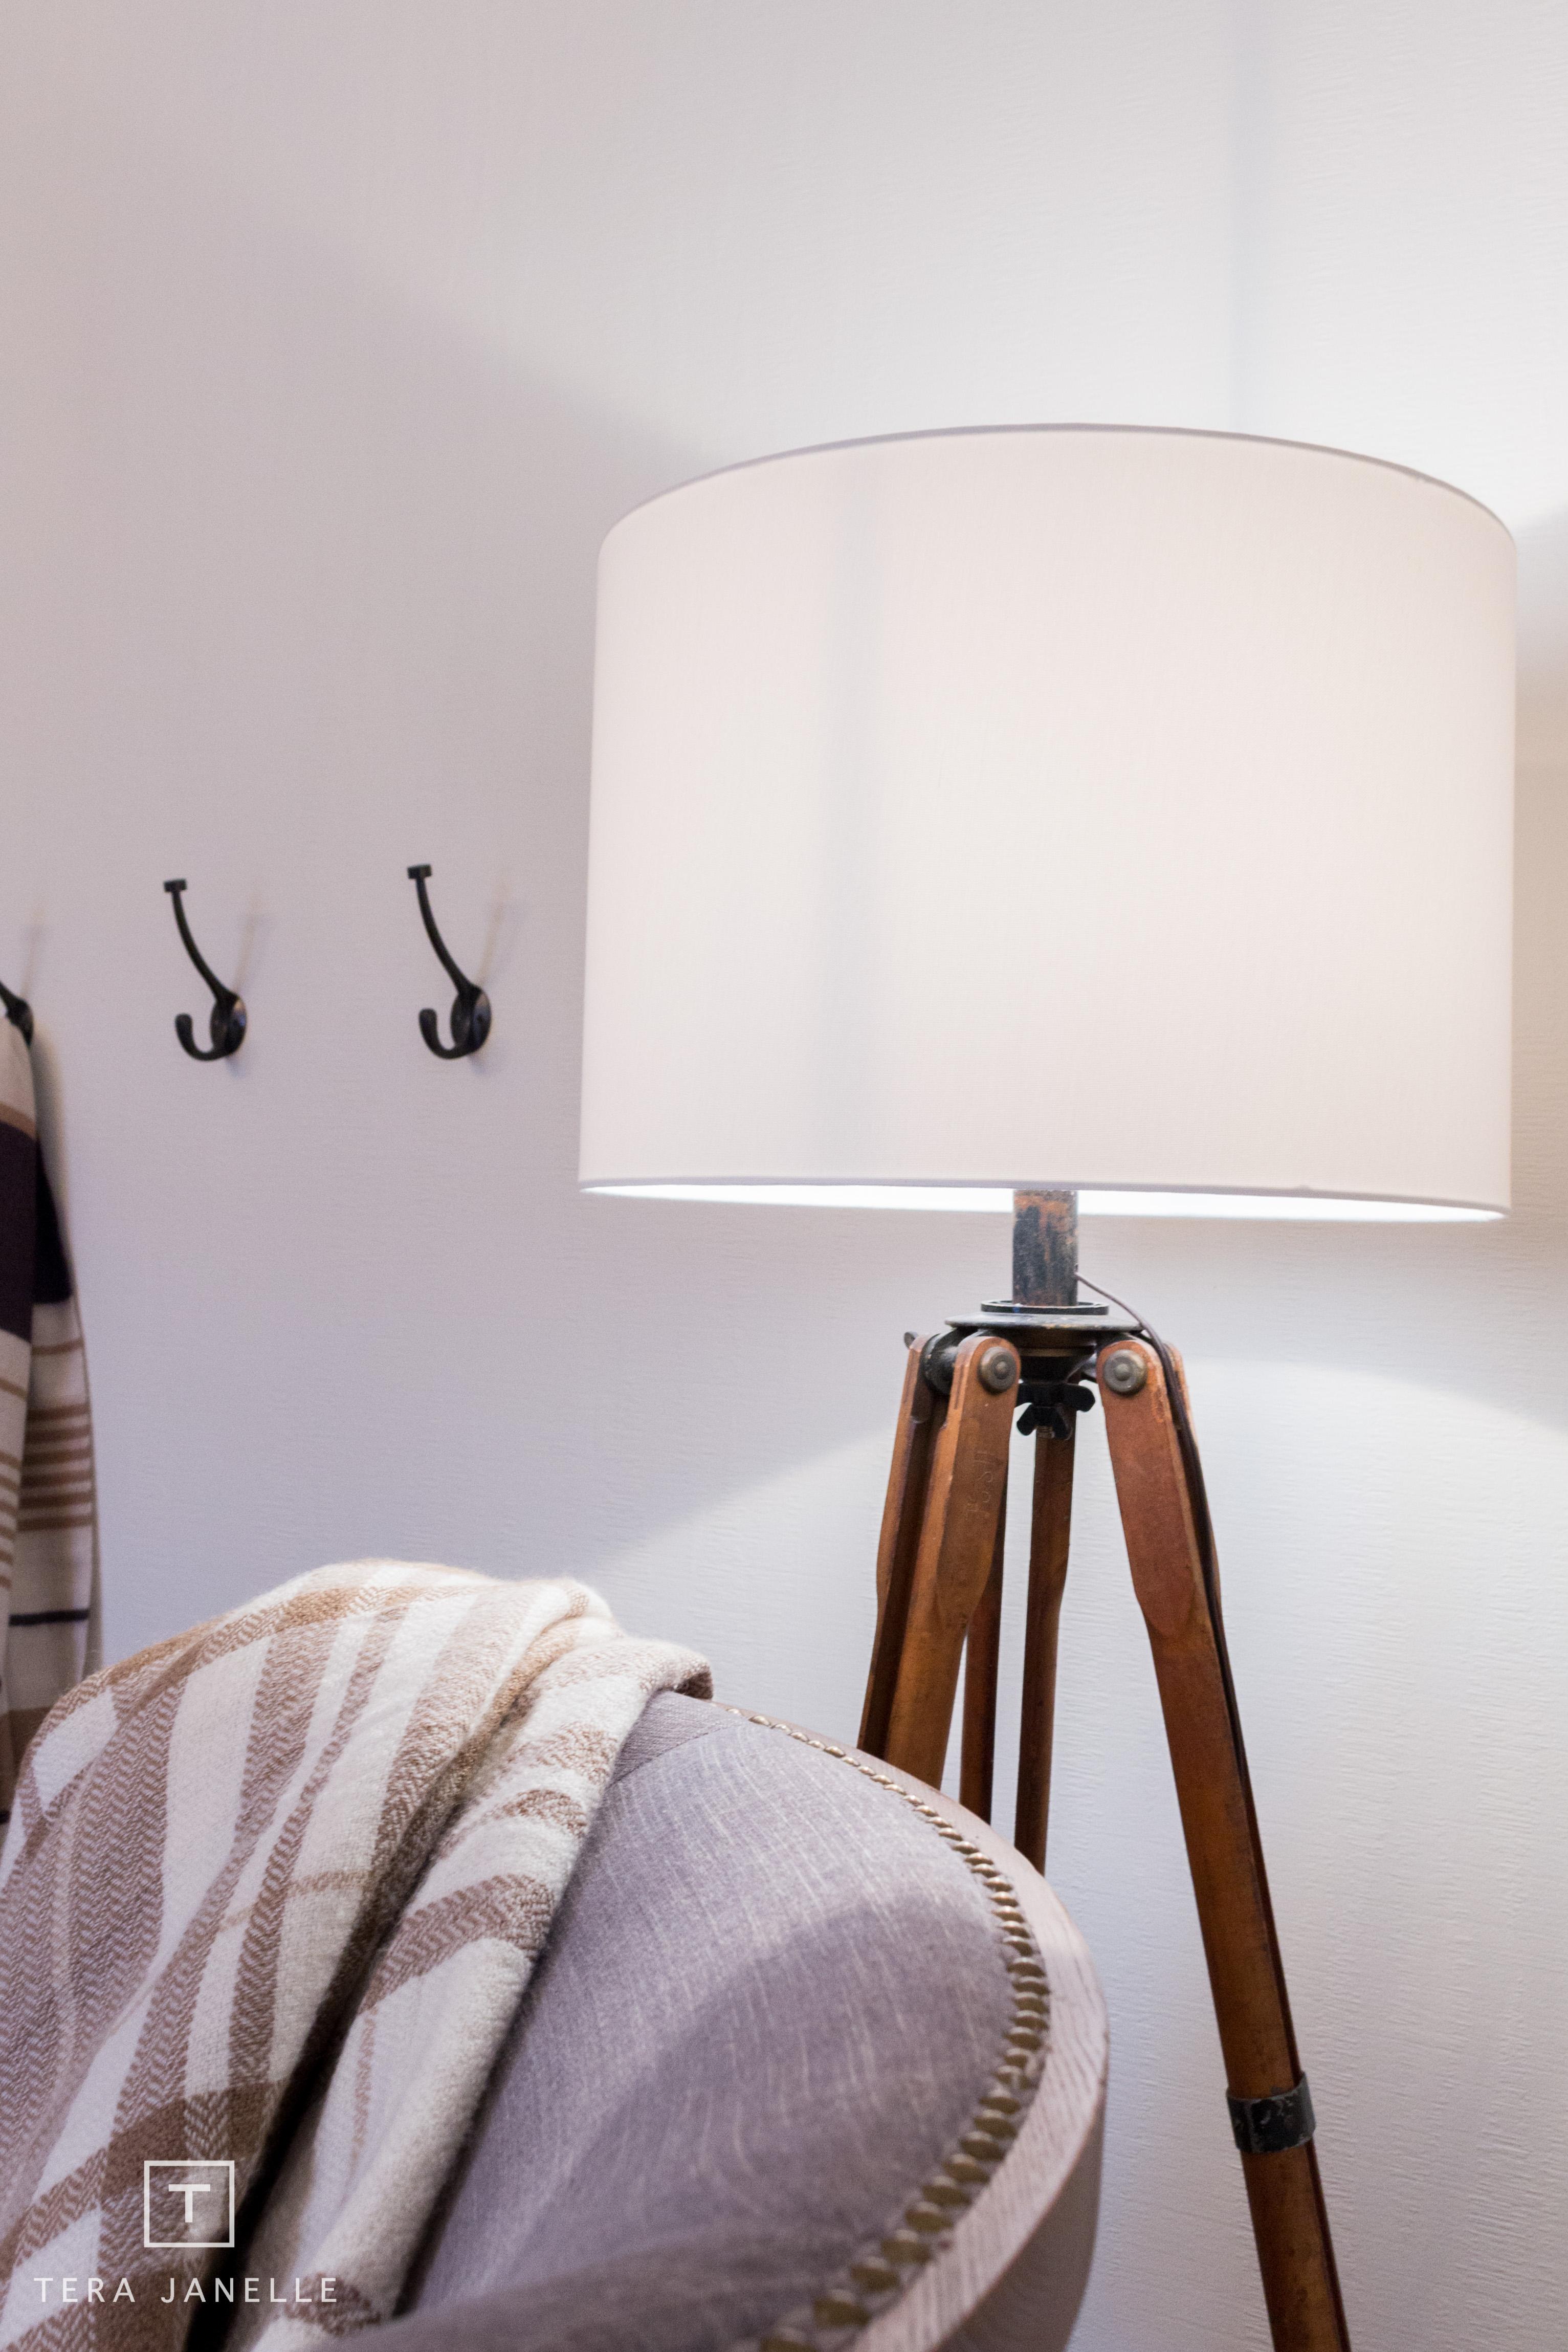 Tera Janelle - Right Bedroom-12.jpg